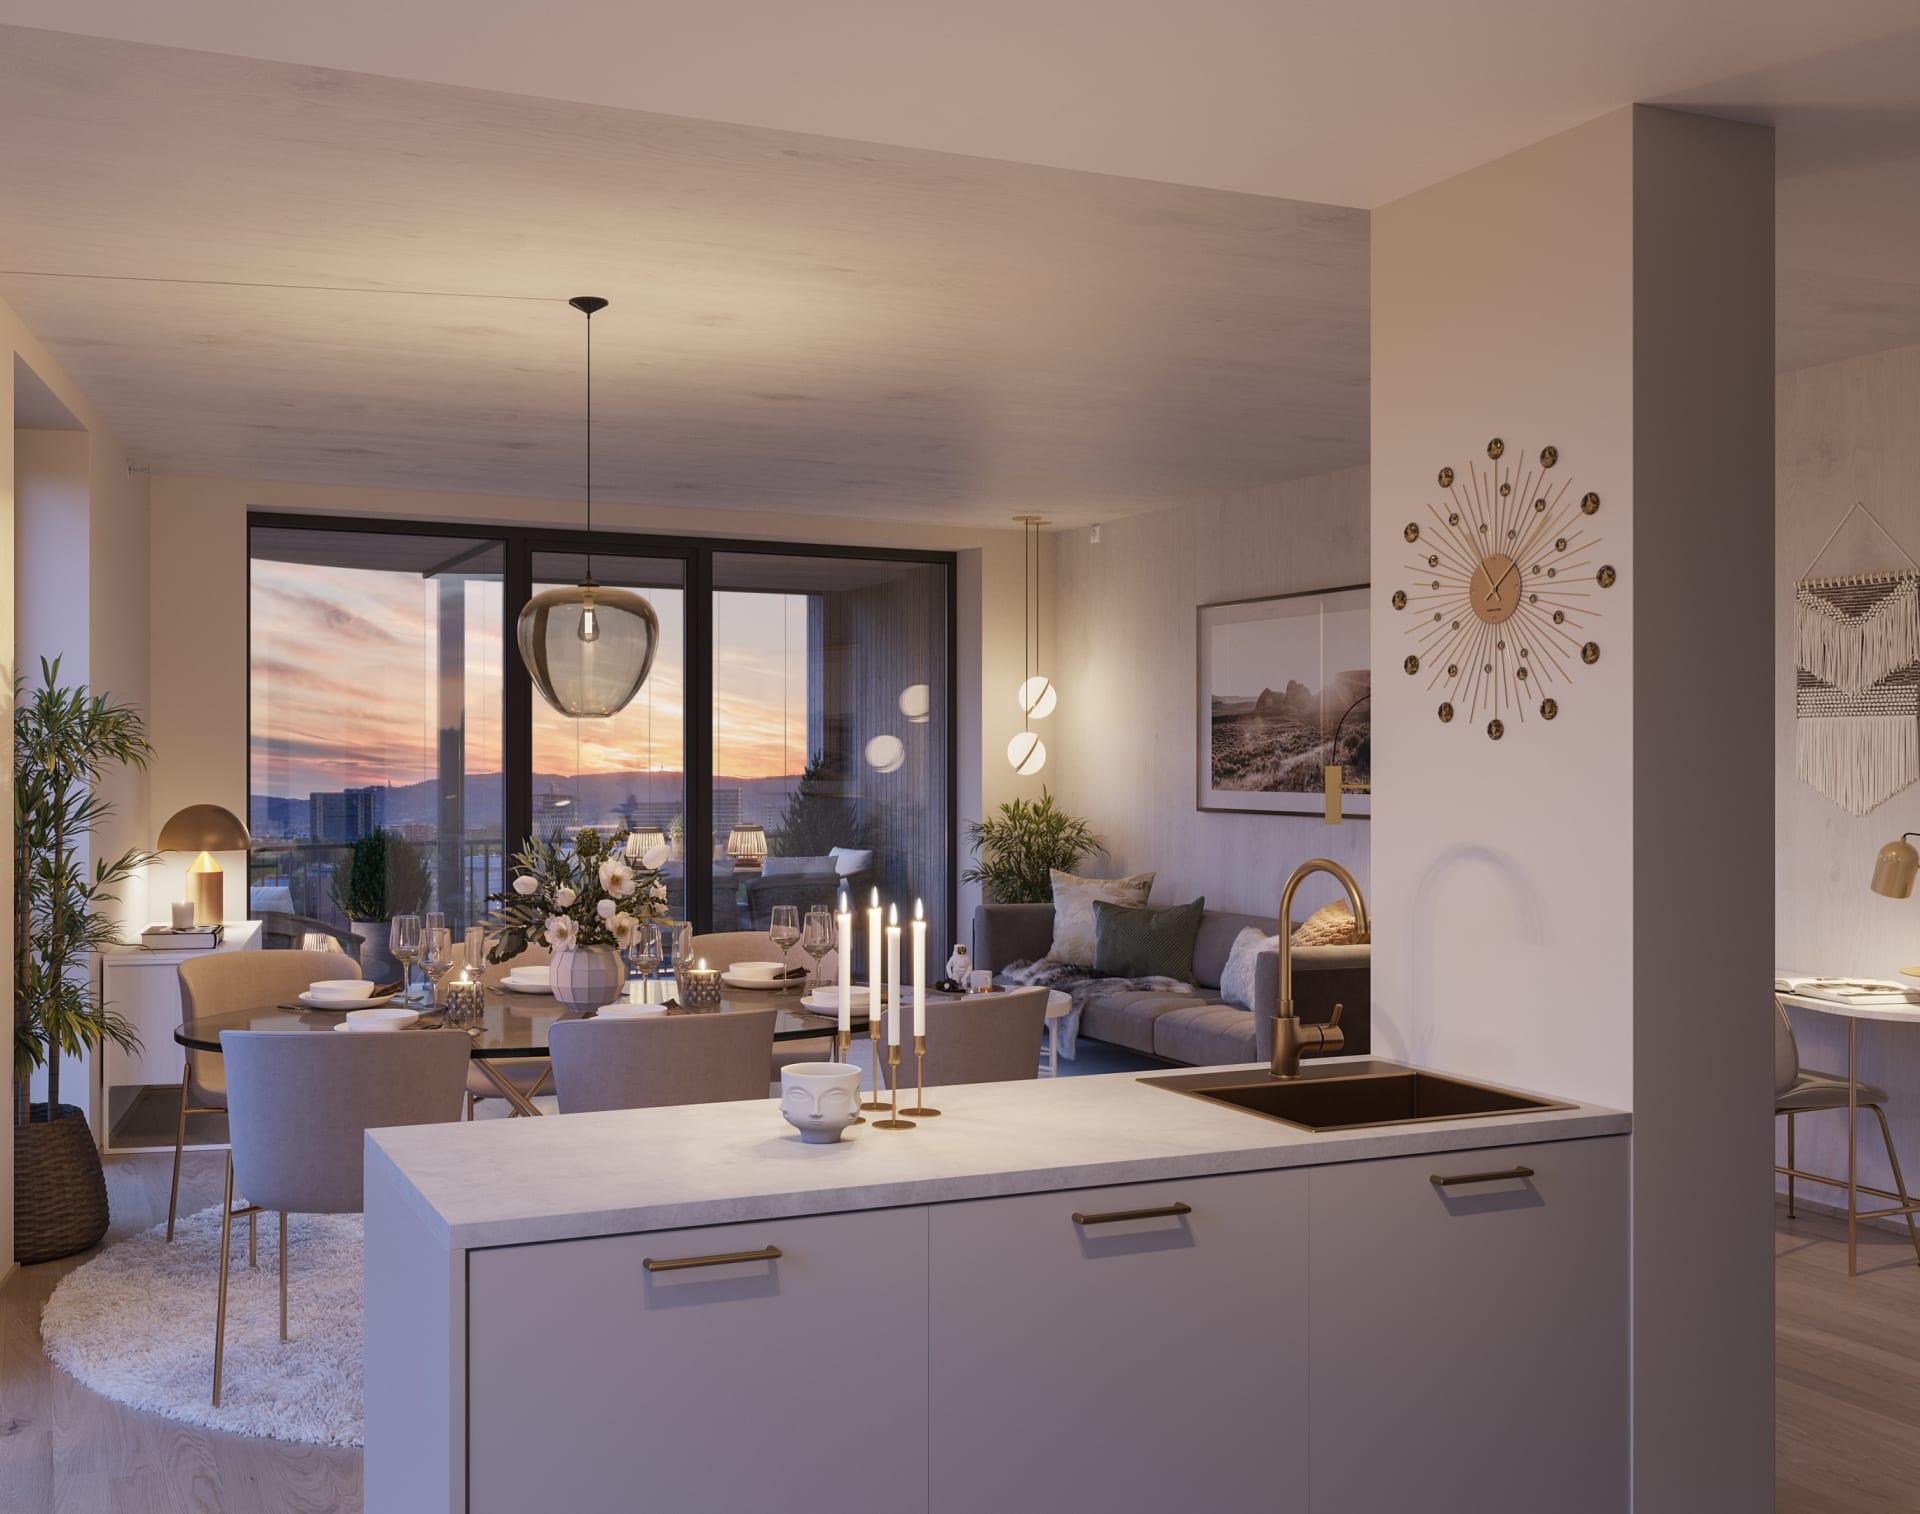 Lys Safran: Stue/kjøkken inspirasjon